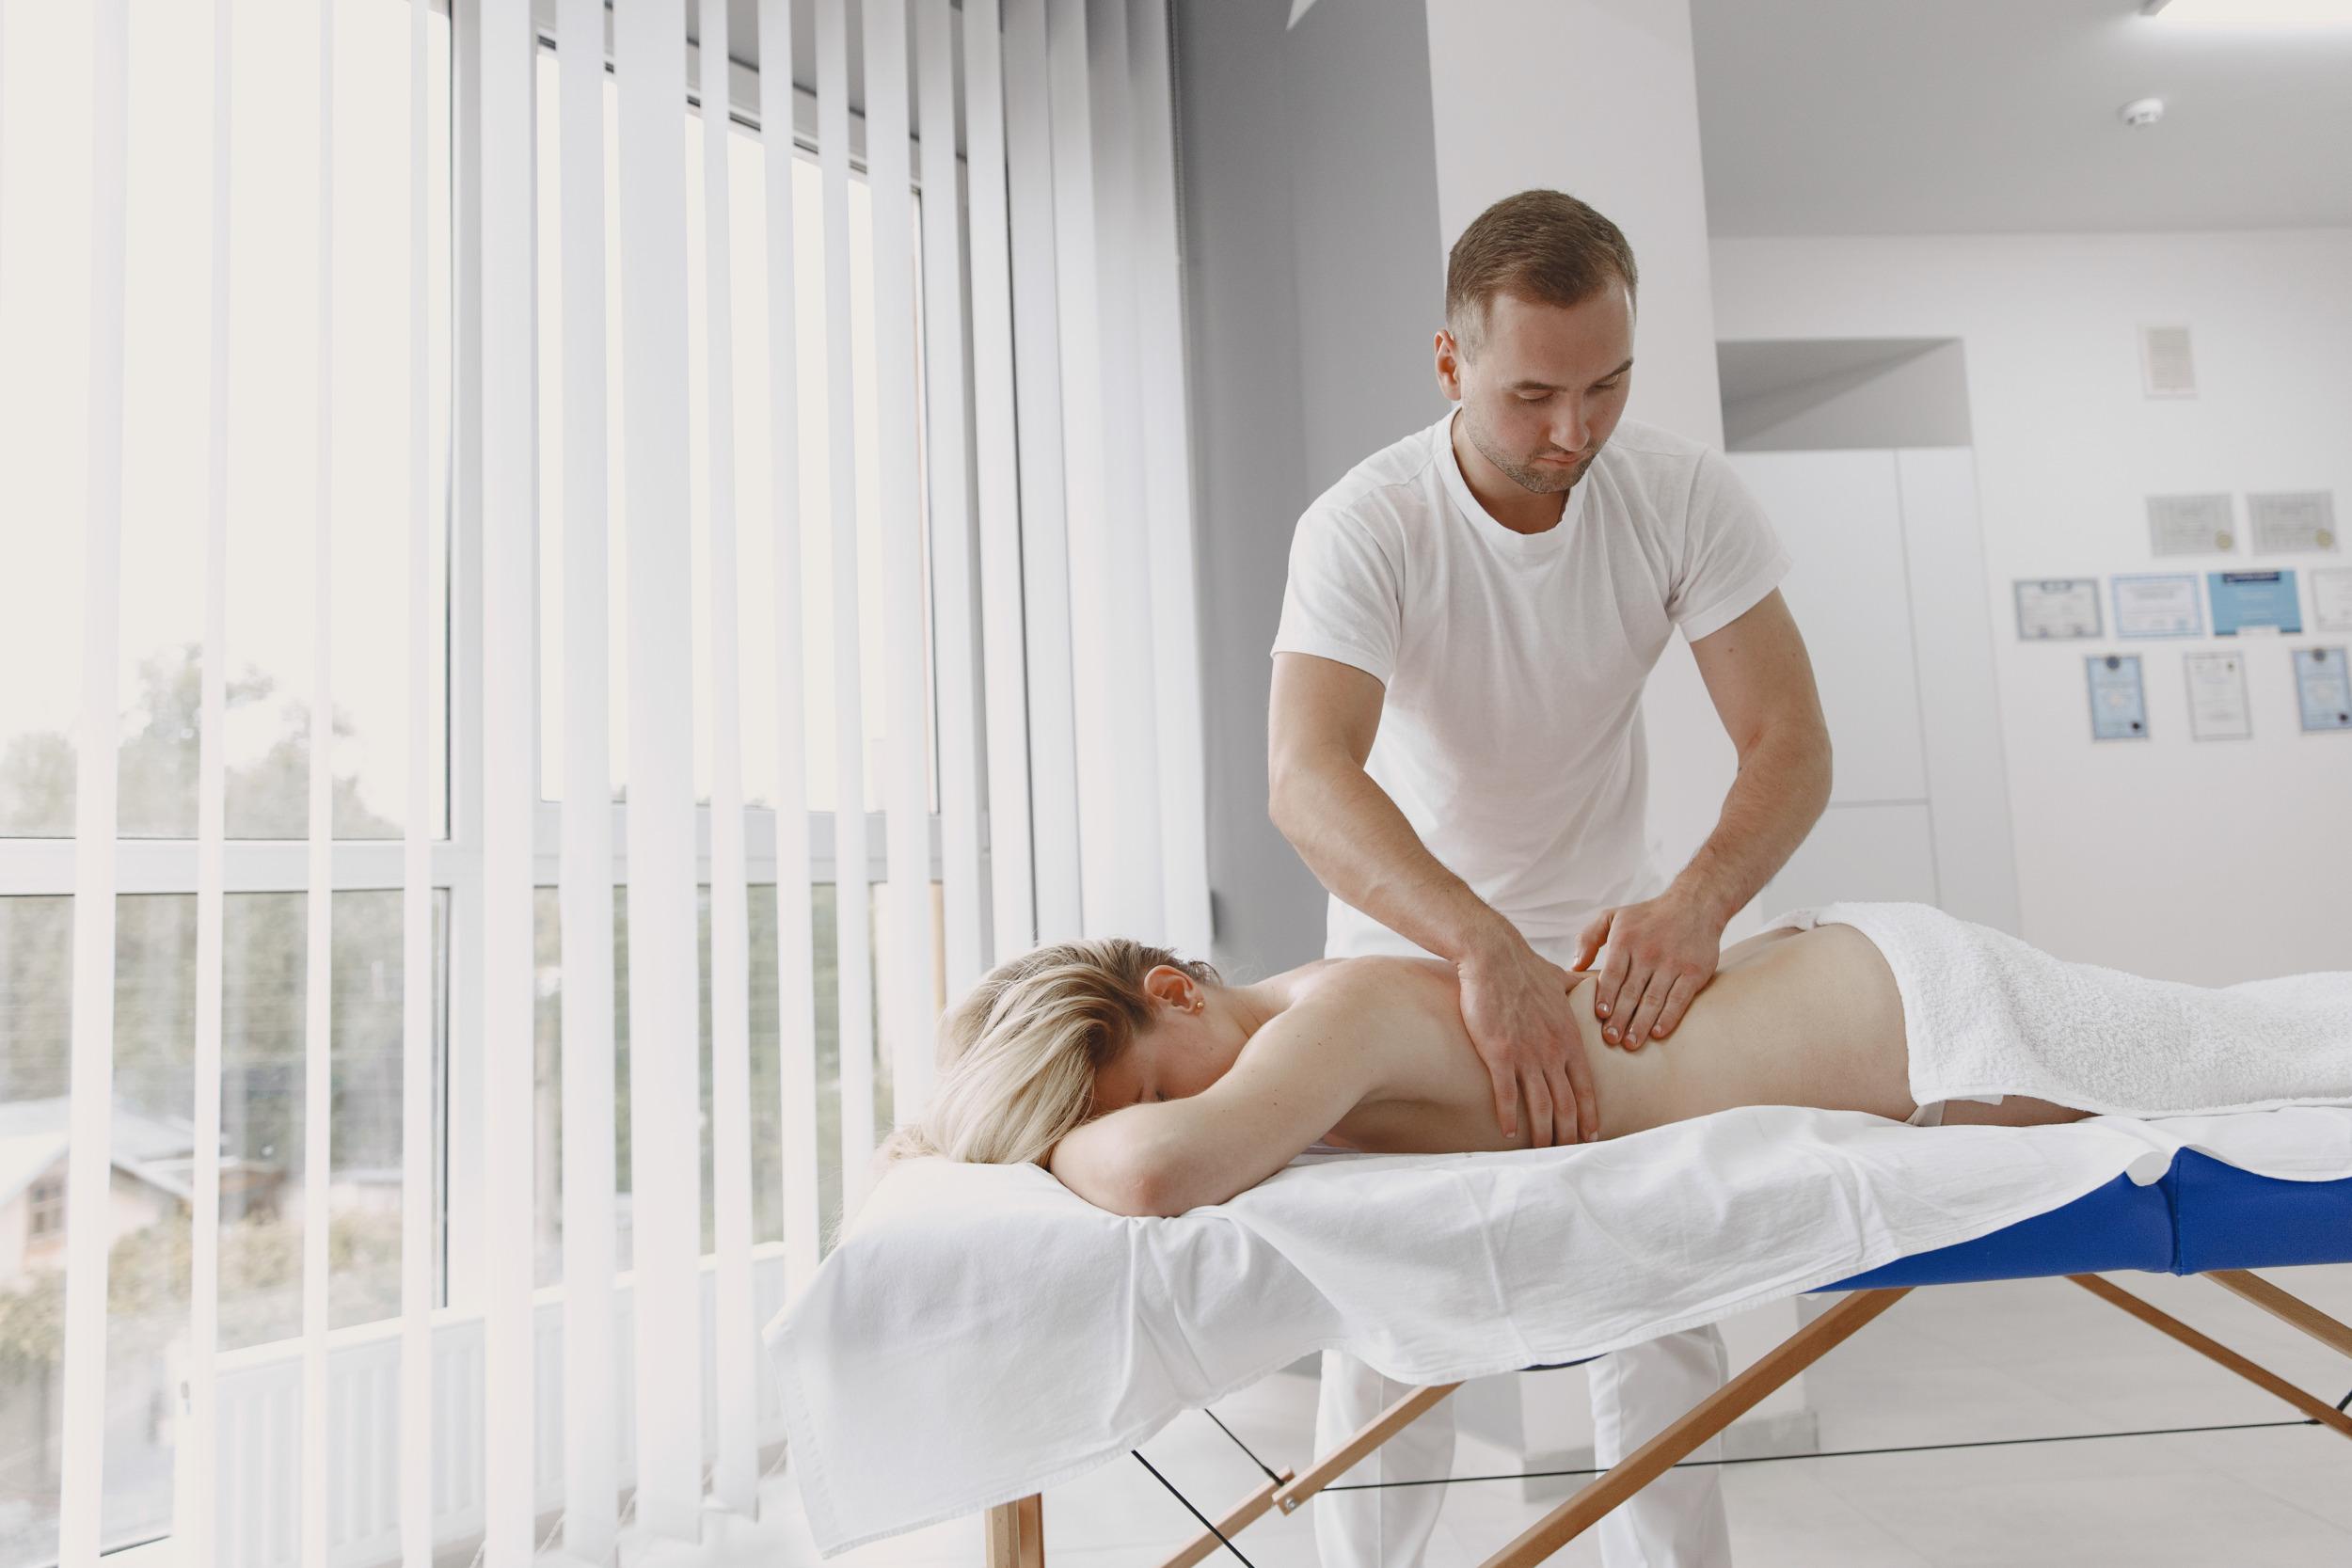 Jak vybrat masážní lehátko? [sponzorovaný článek]